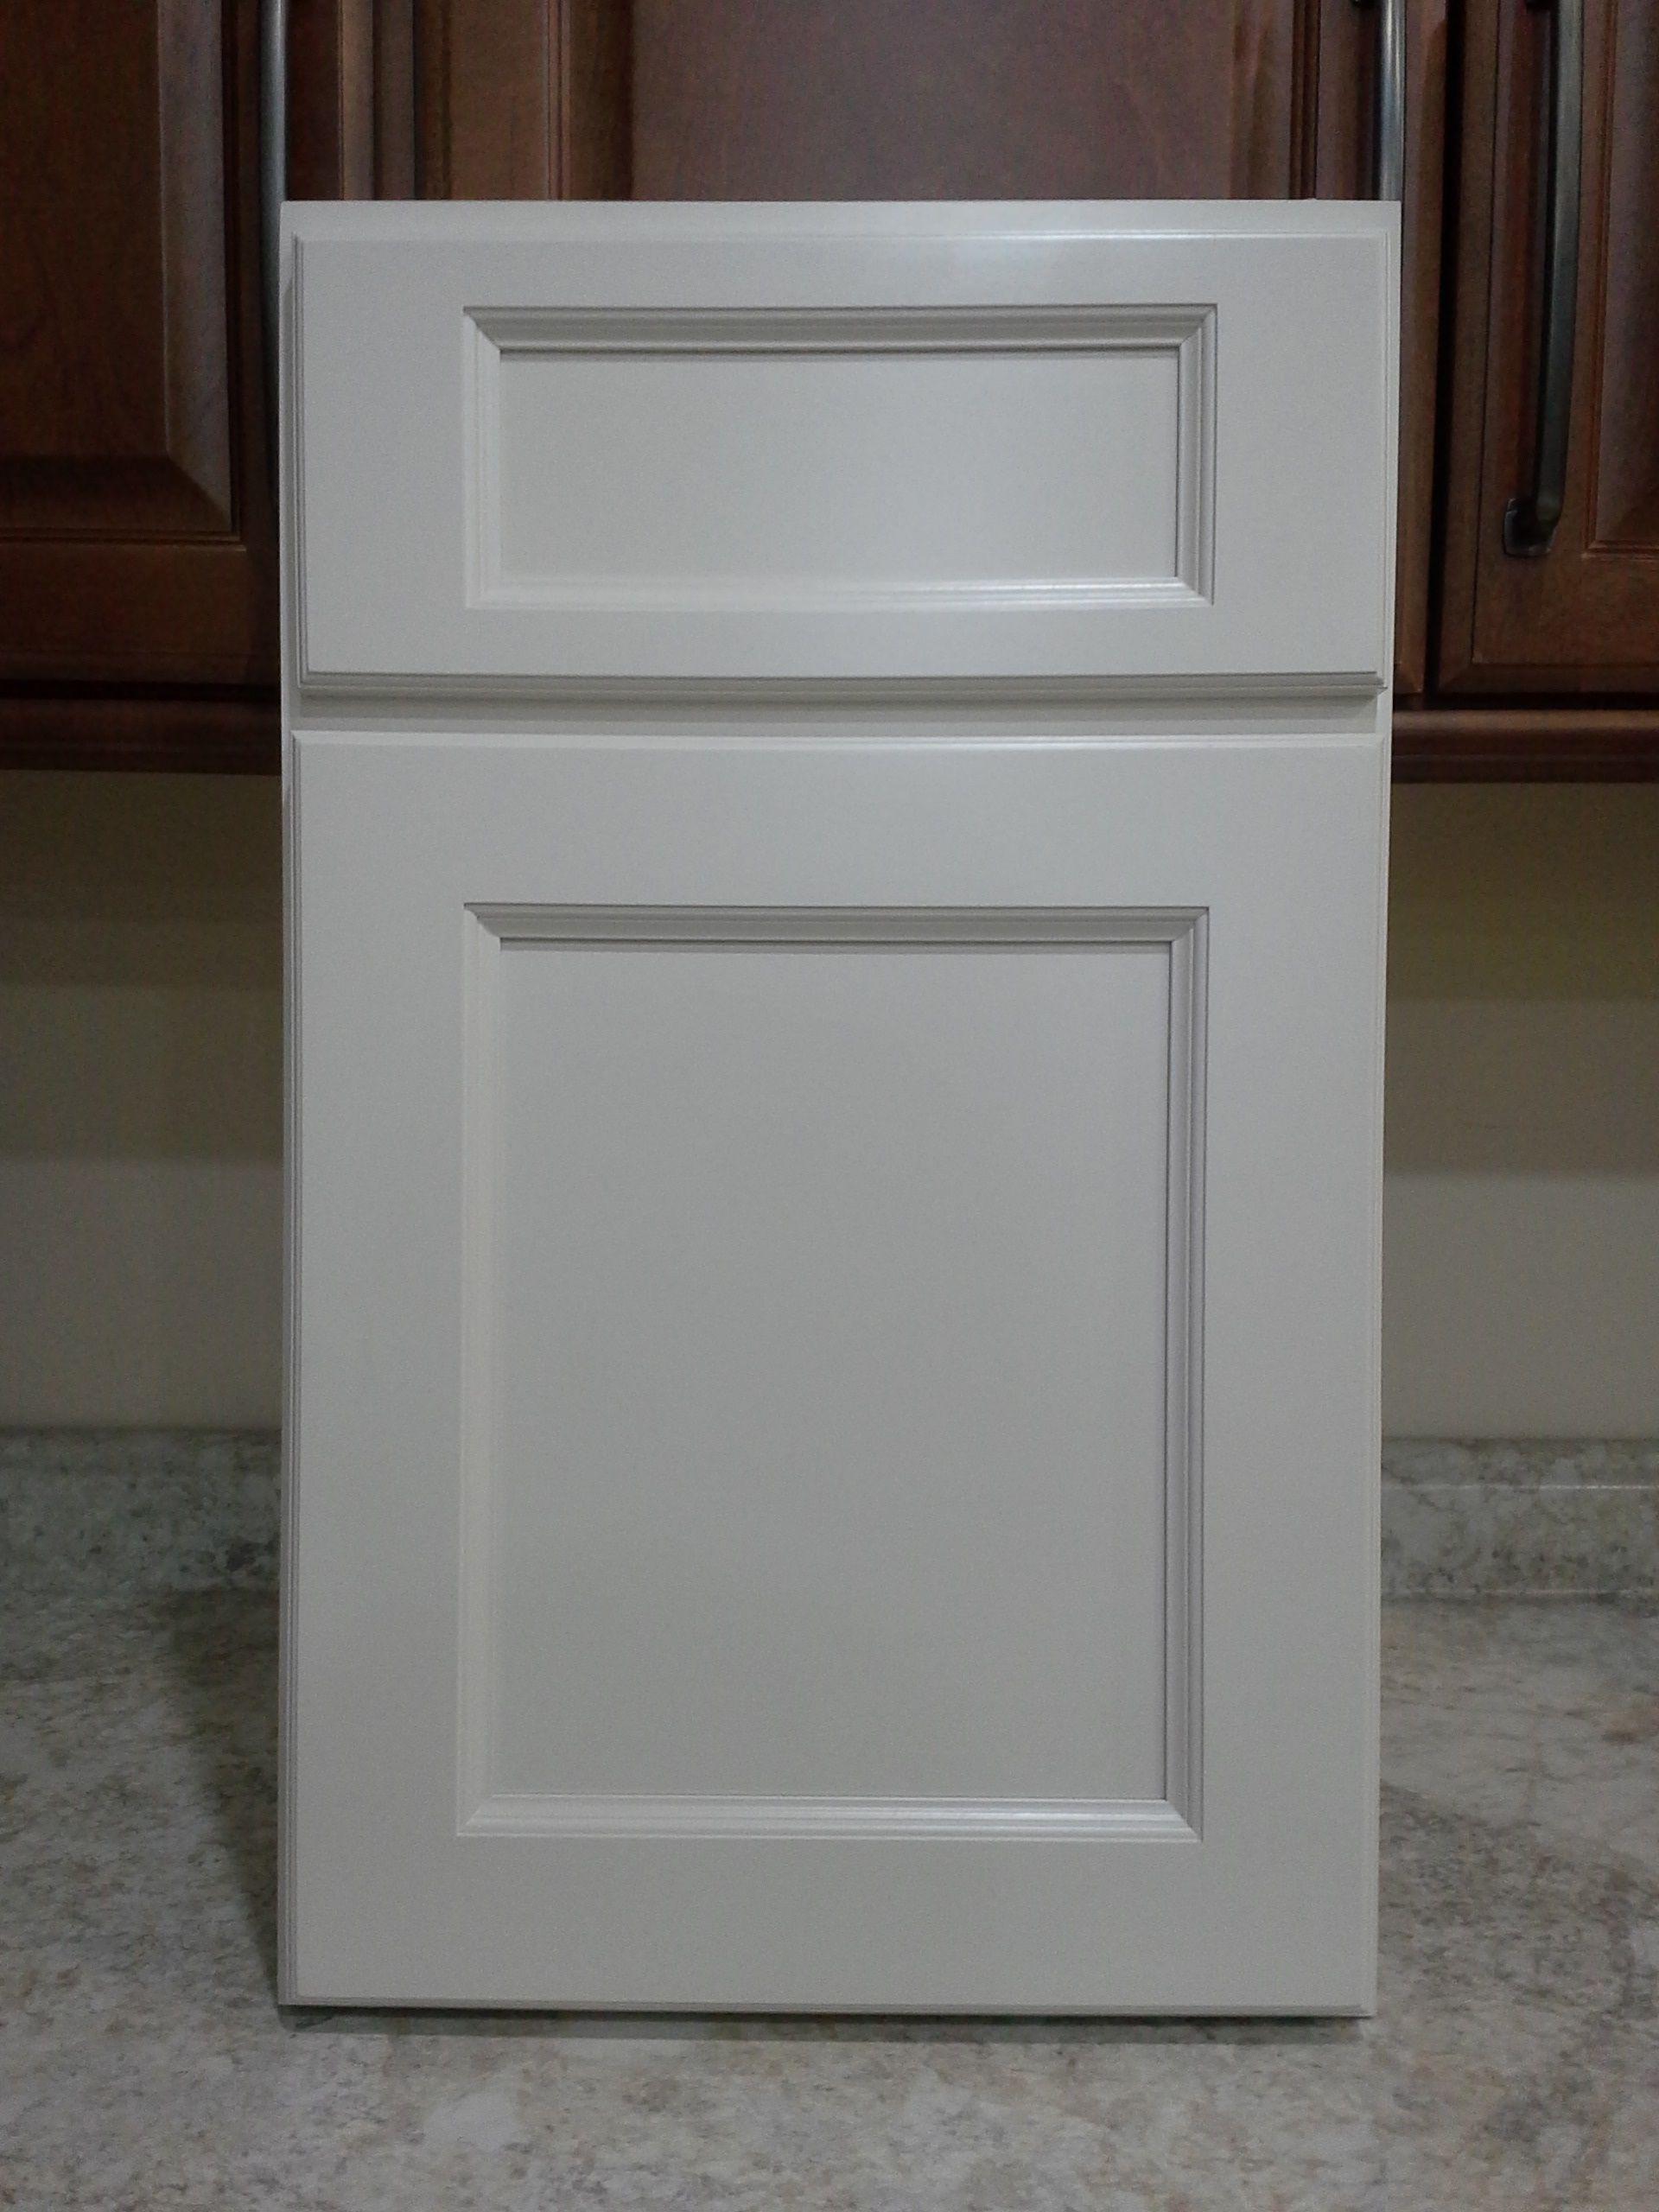 Echelon Addison door style Maple in Linen enamel paint by ACPI ...